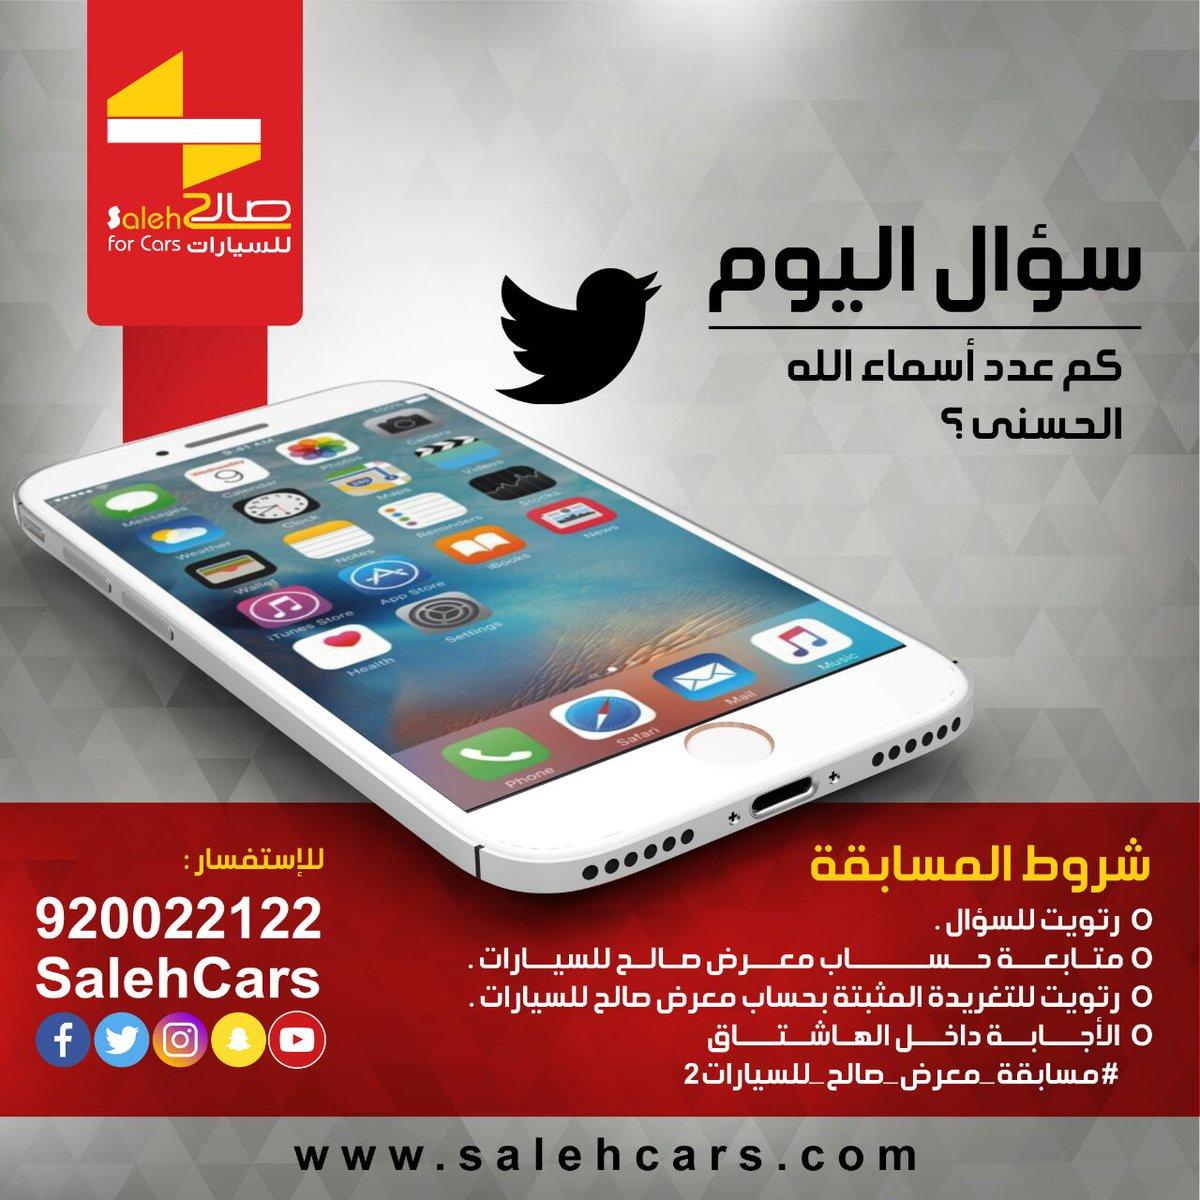 وكالة تعليق الدراسة On Twitter كم عدد أسماء الله الحسنى